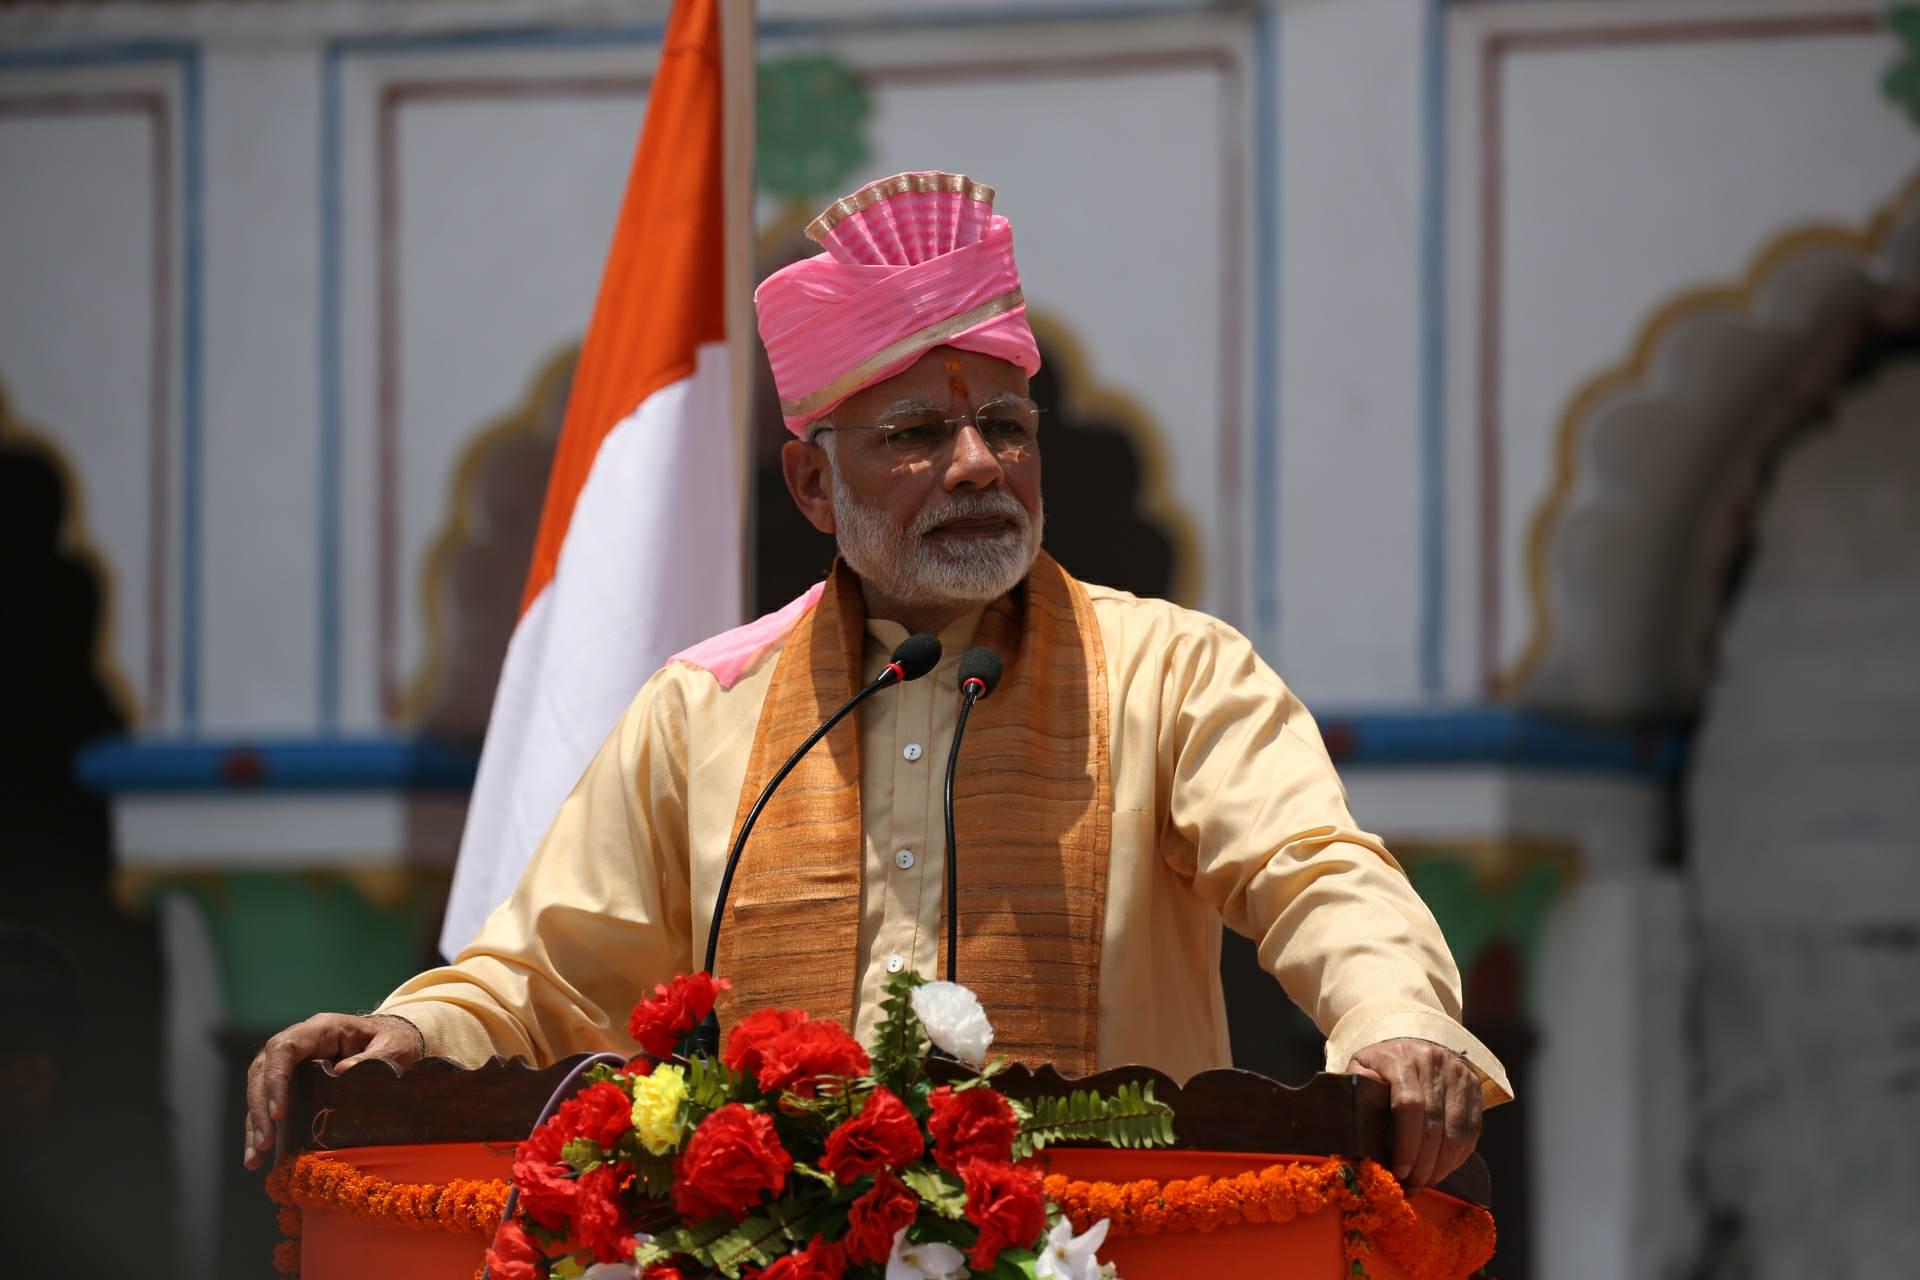 भारतीय प्रधानमन्त्री मोदी नेपाल भ्रमणमा, जनकपुरमा स्वागत